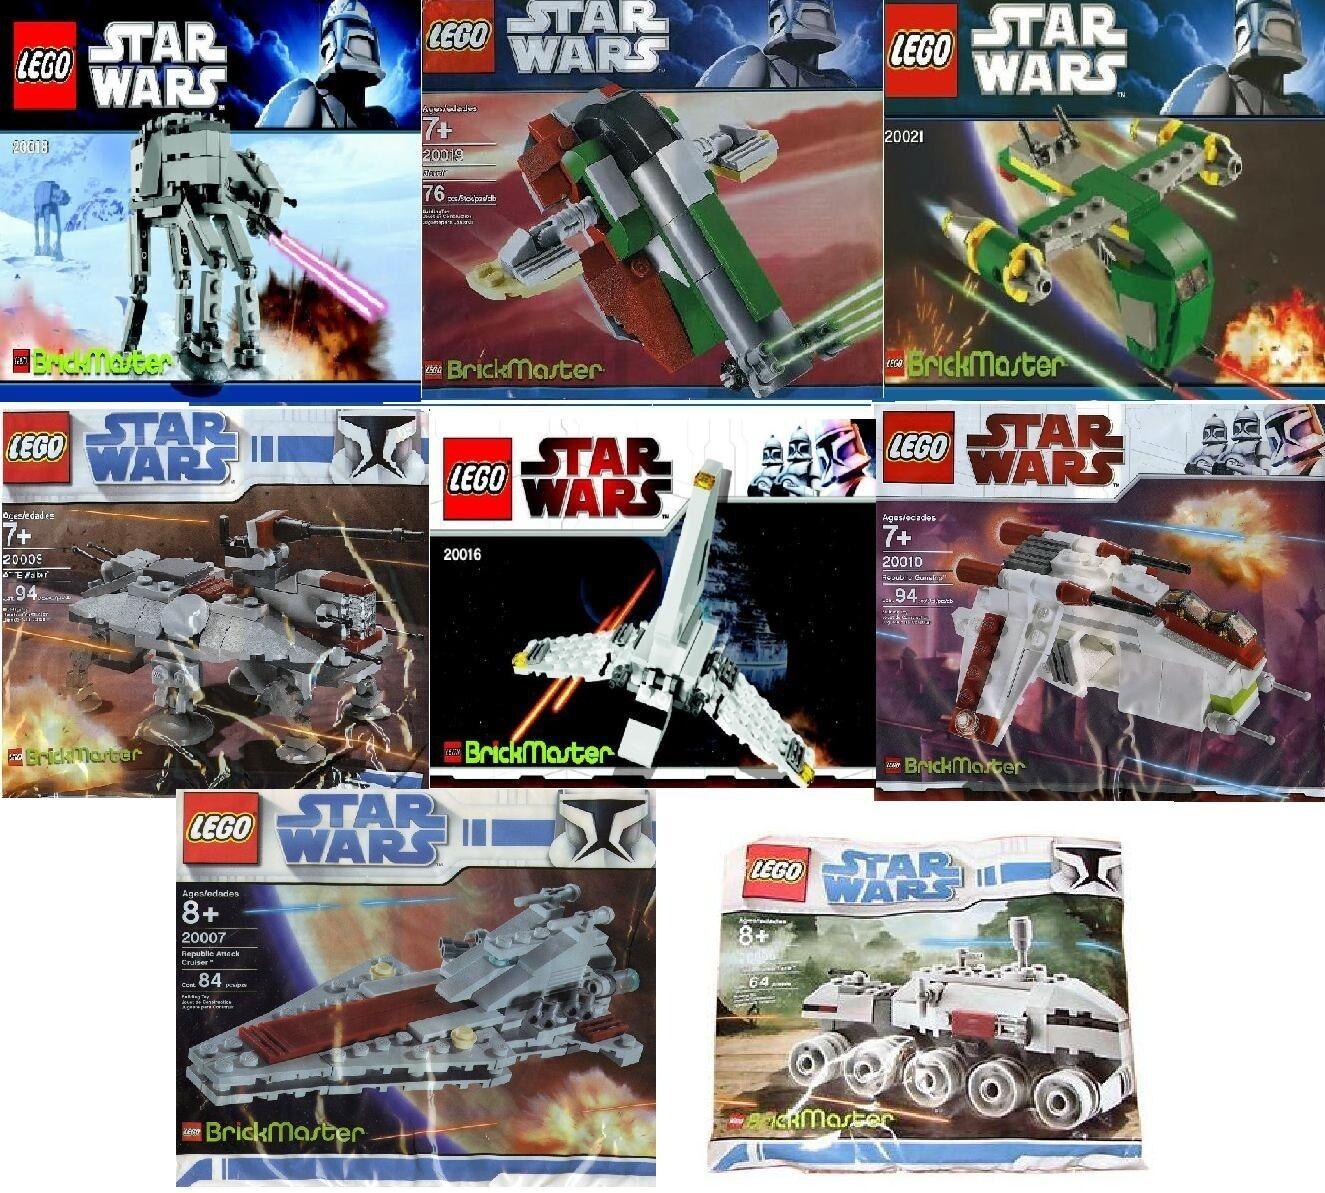 Lego Star Wars brickmaster todos 20006 20007 20009 20010 20016 20018 20019 20021